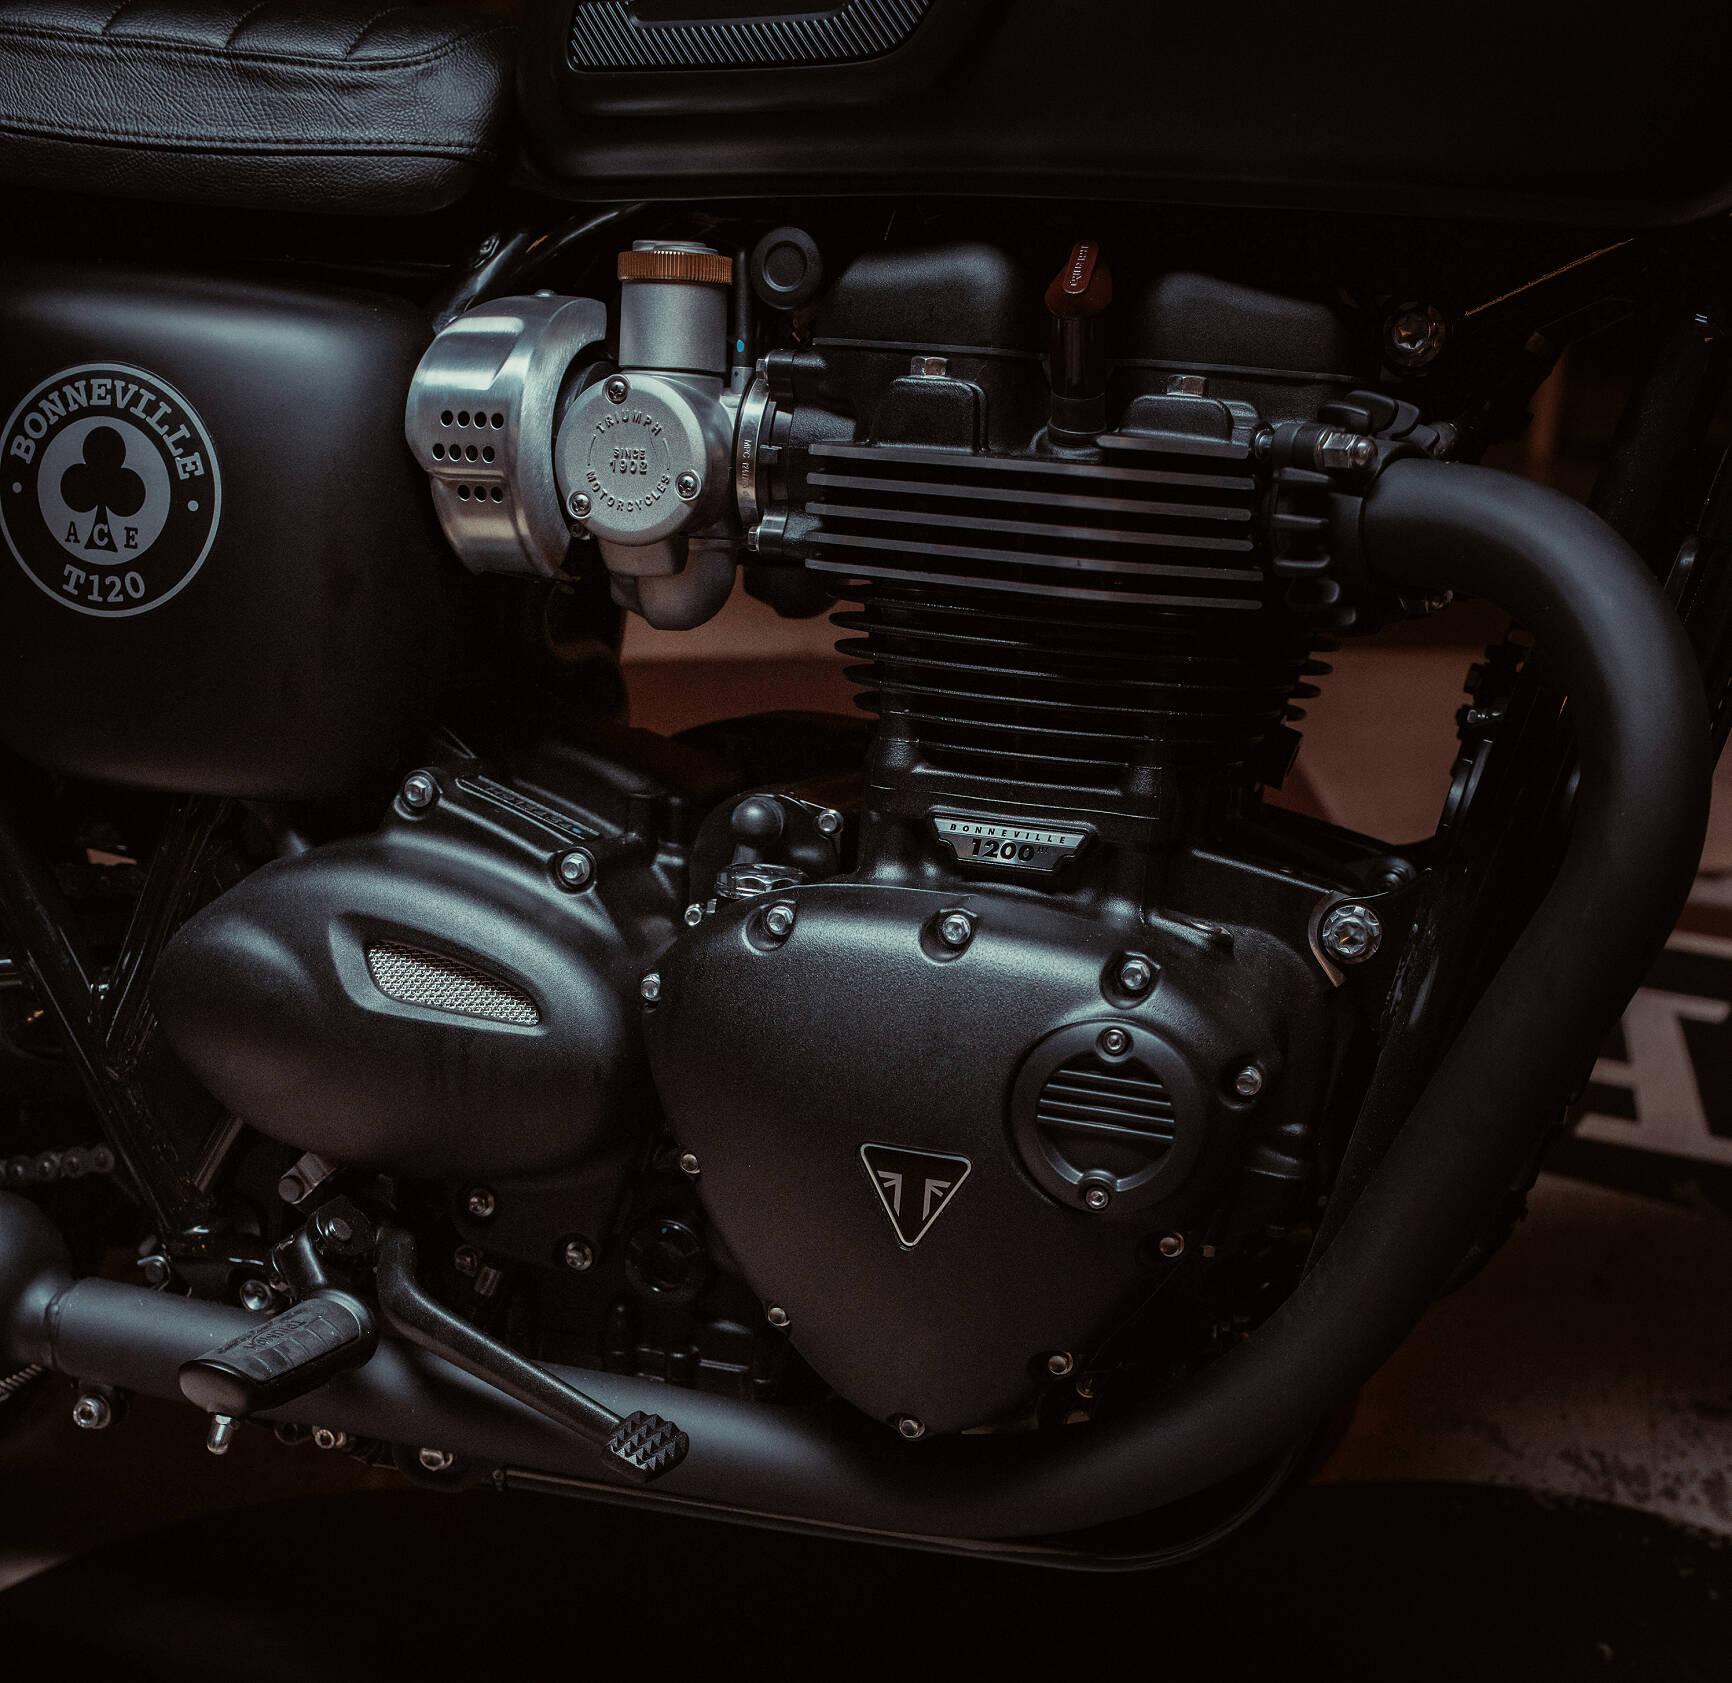 Triumph Bonneville T120 Ace. Foto: Divulgação